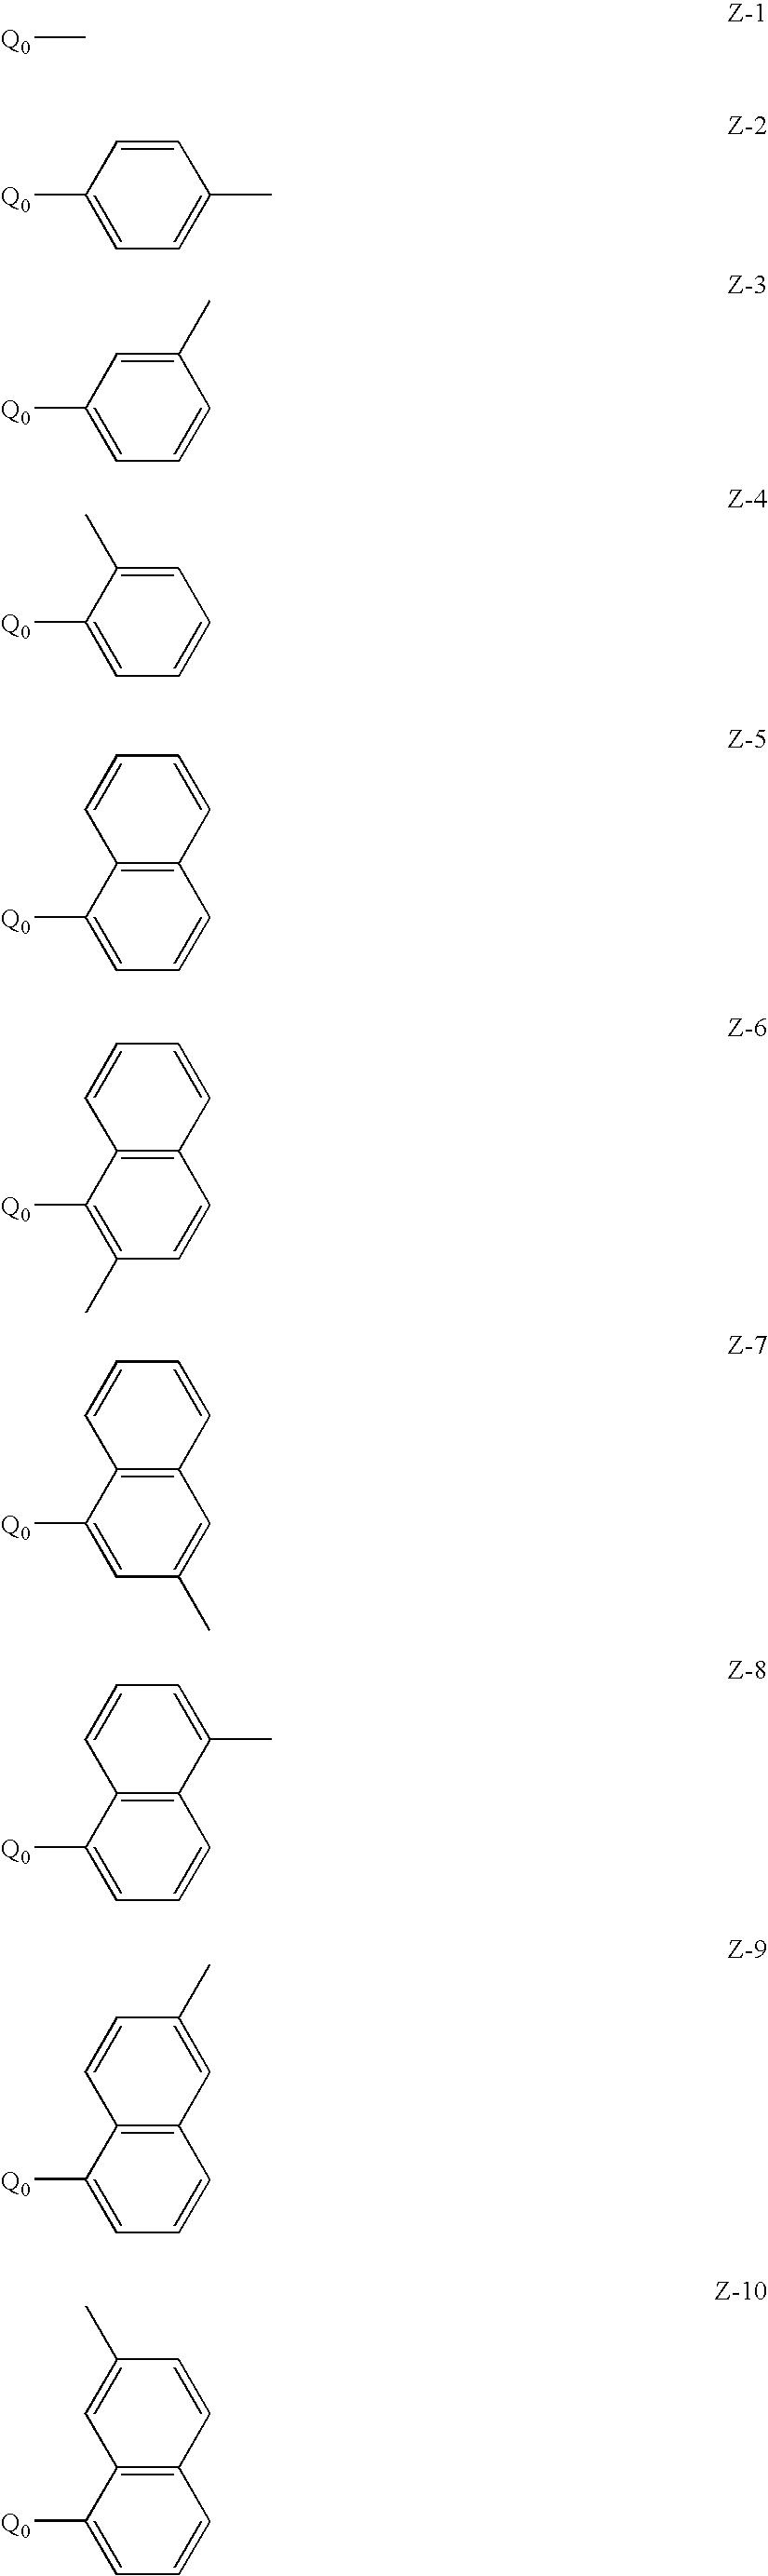 Figure US20060186796A1-20060824-C00007